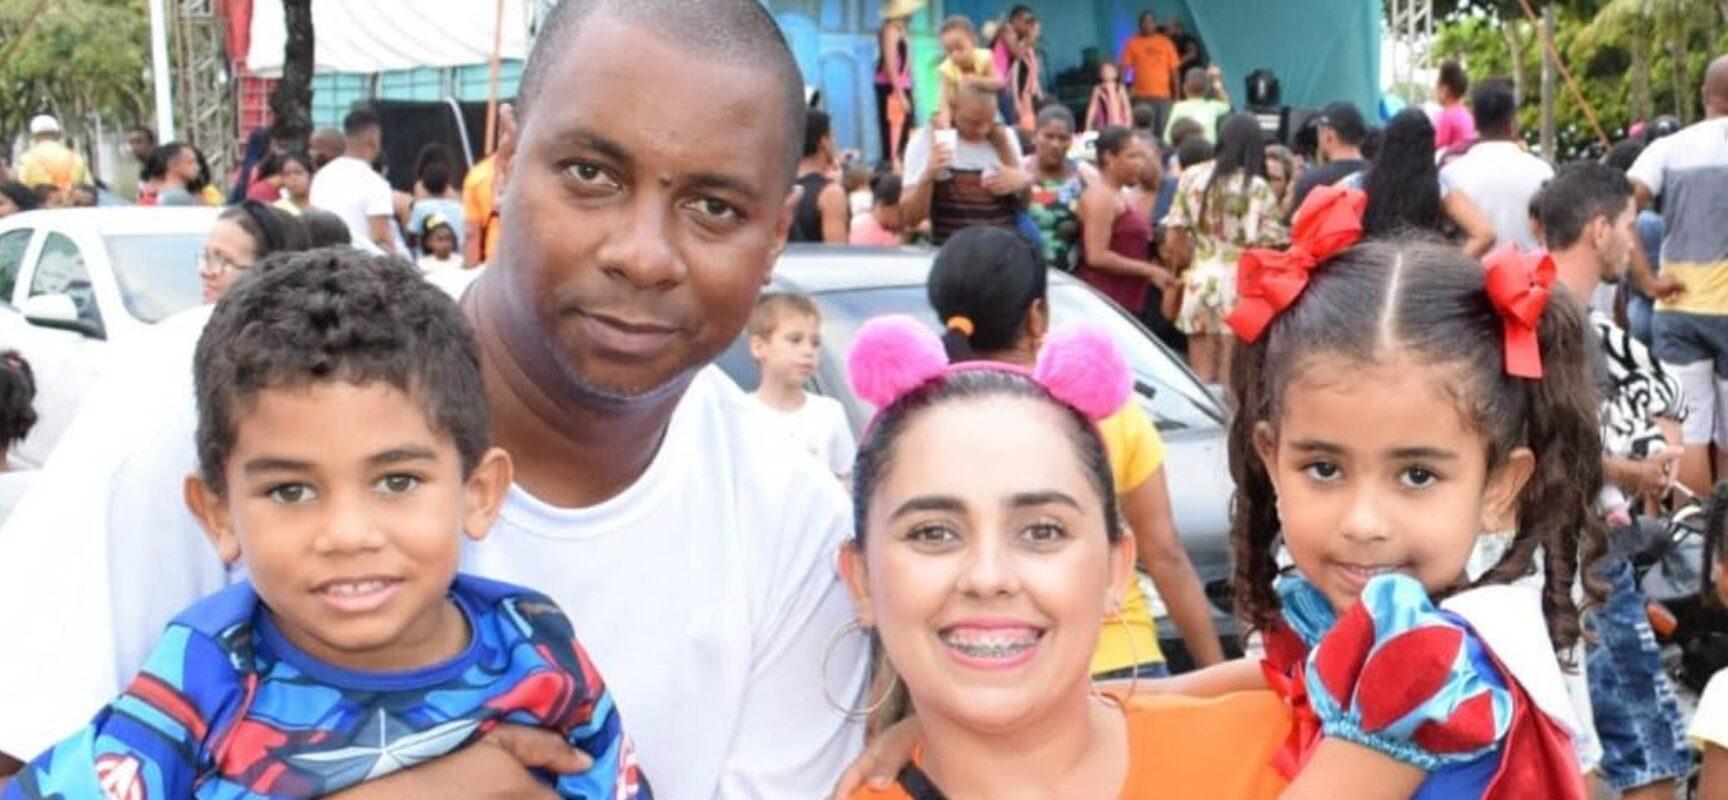 DIA DAS CRIANÇAS, uma mensagem do ex-vereador Luiz Carlos Escuta